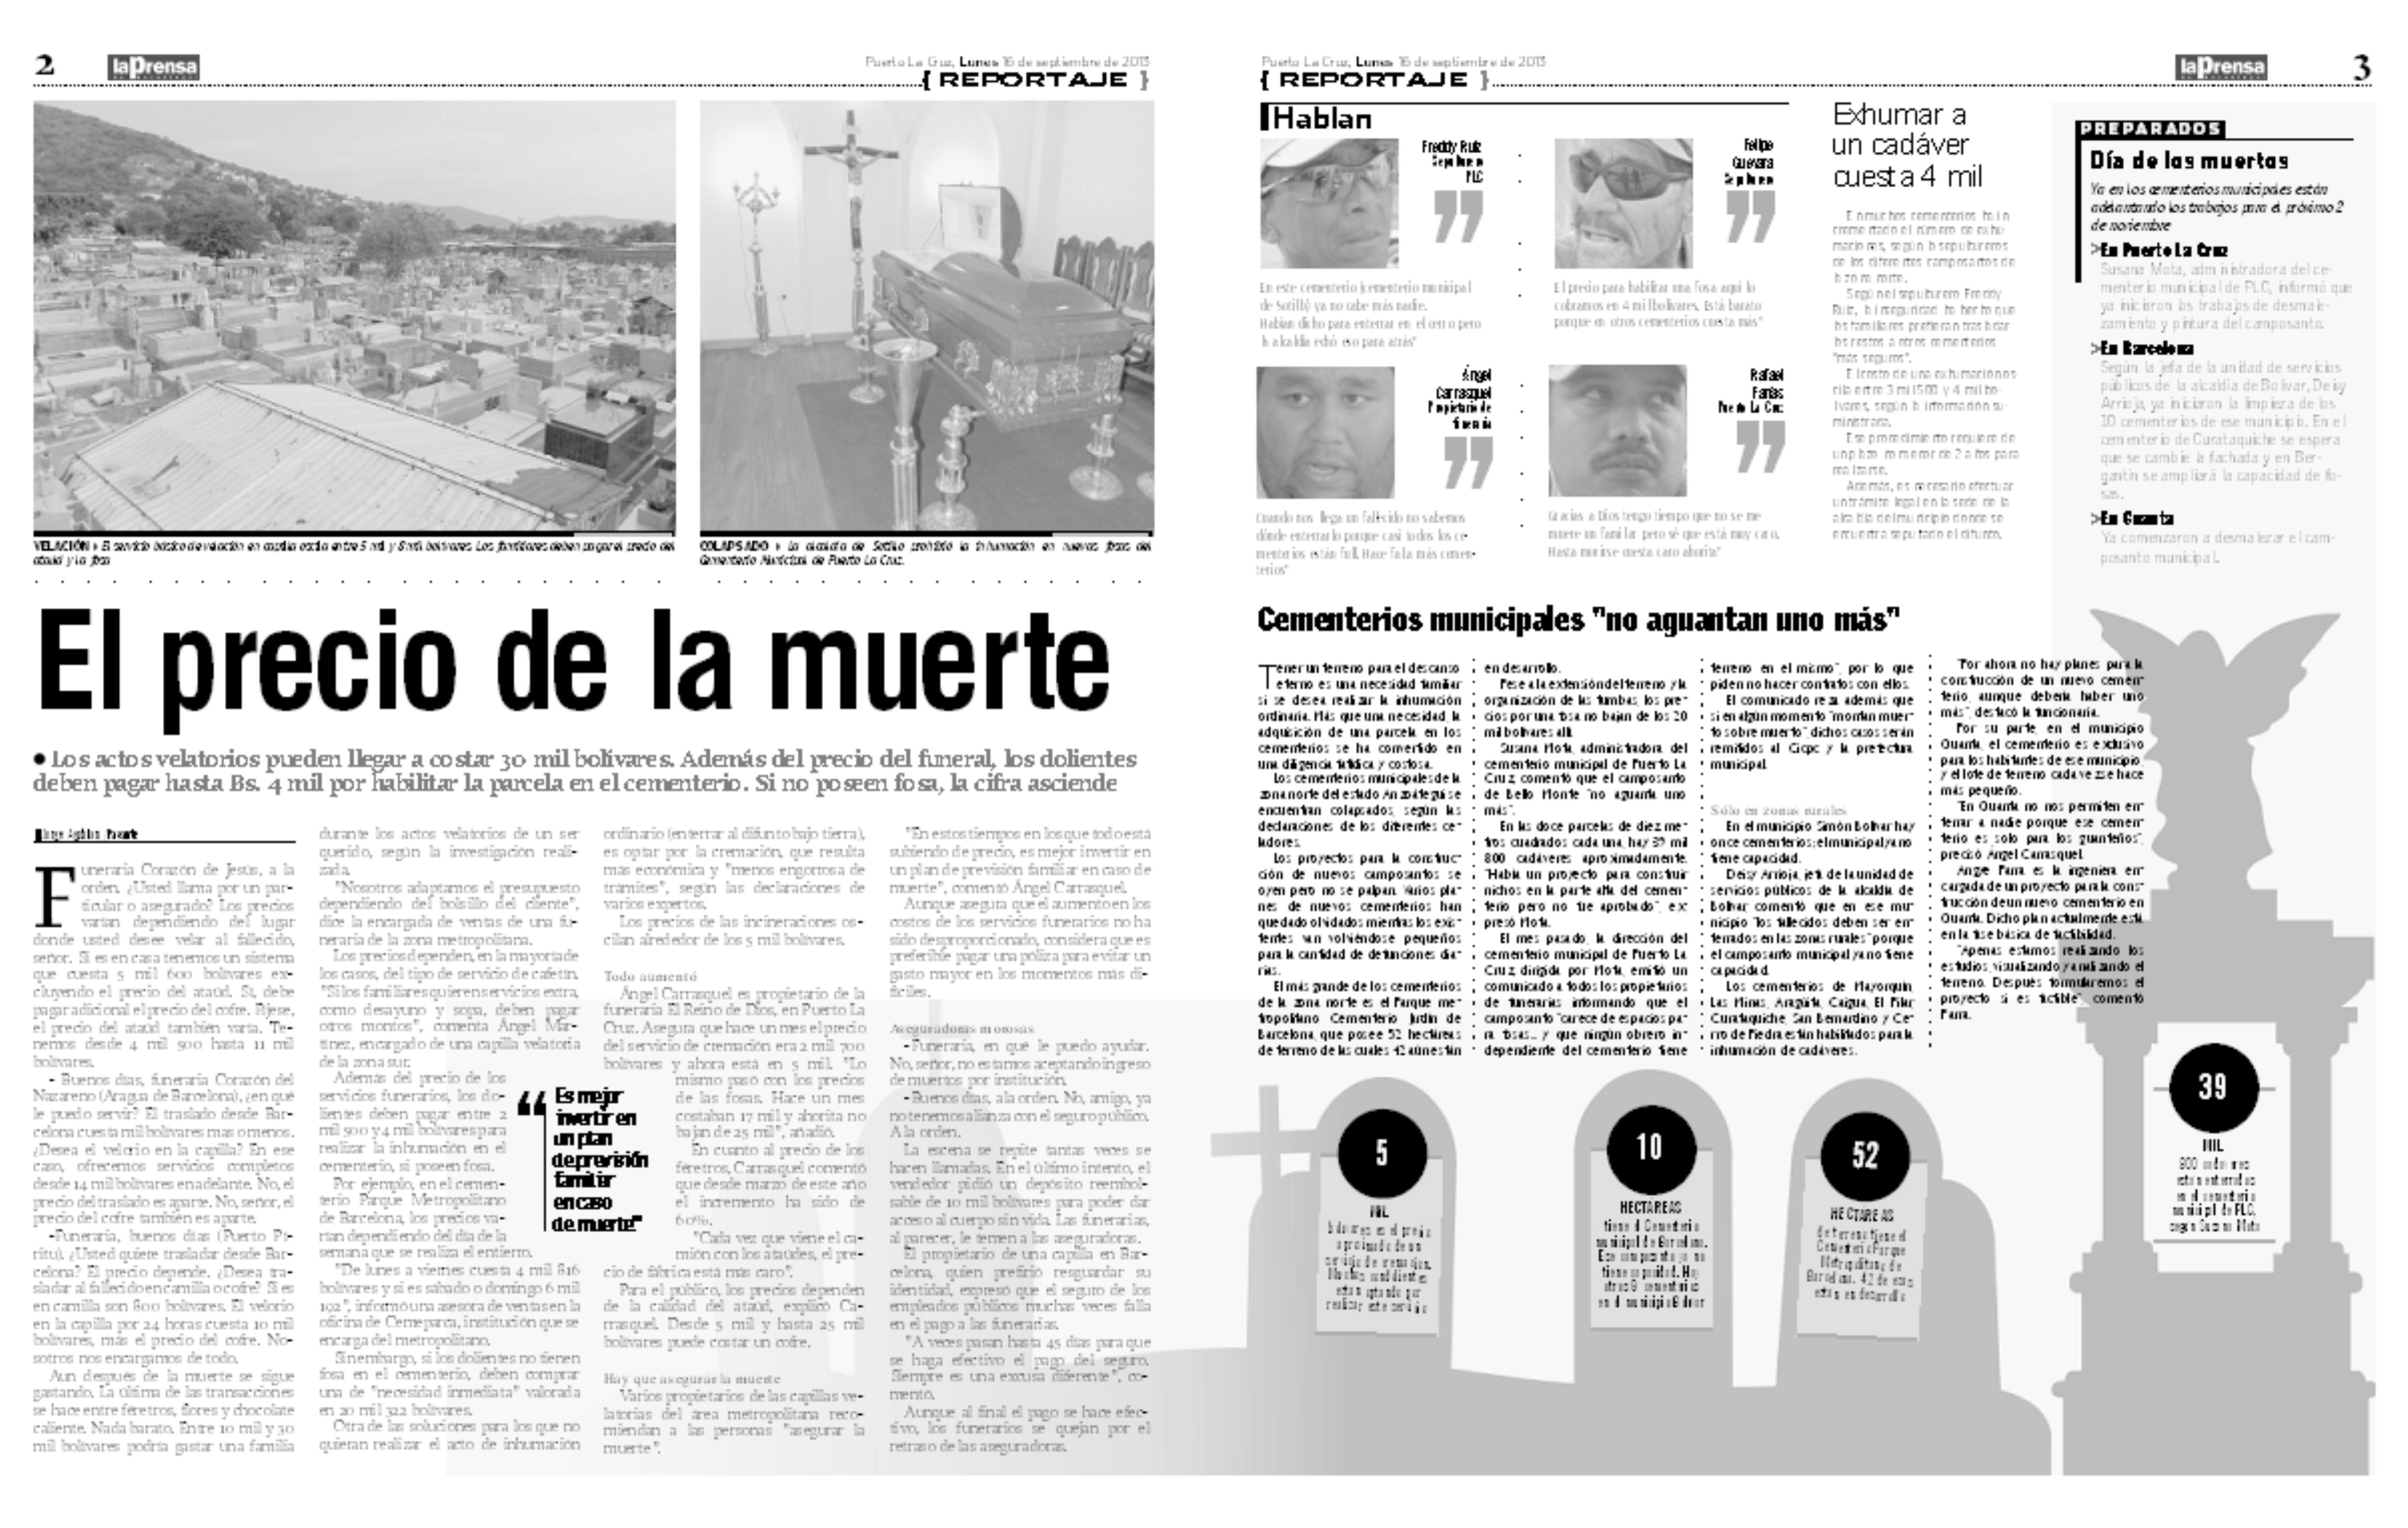 El Precio de la muerte (Reportaje La Prensa de Anzoátegui: 15-09-2013